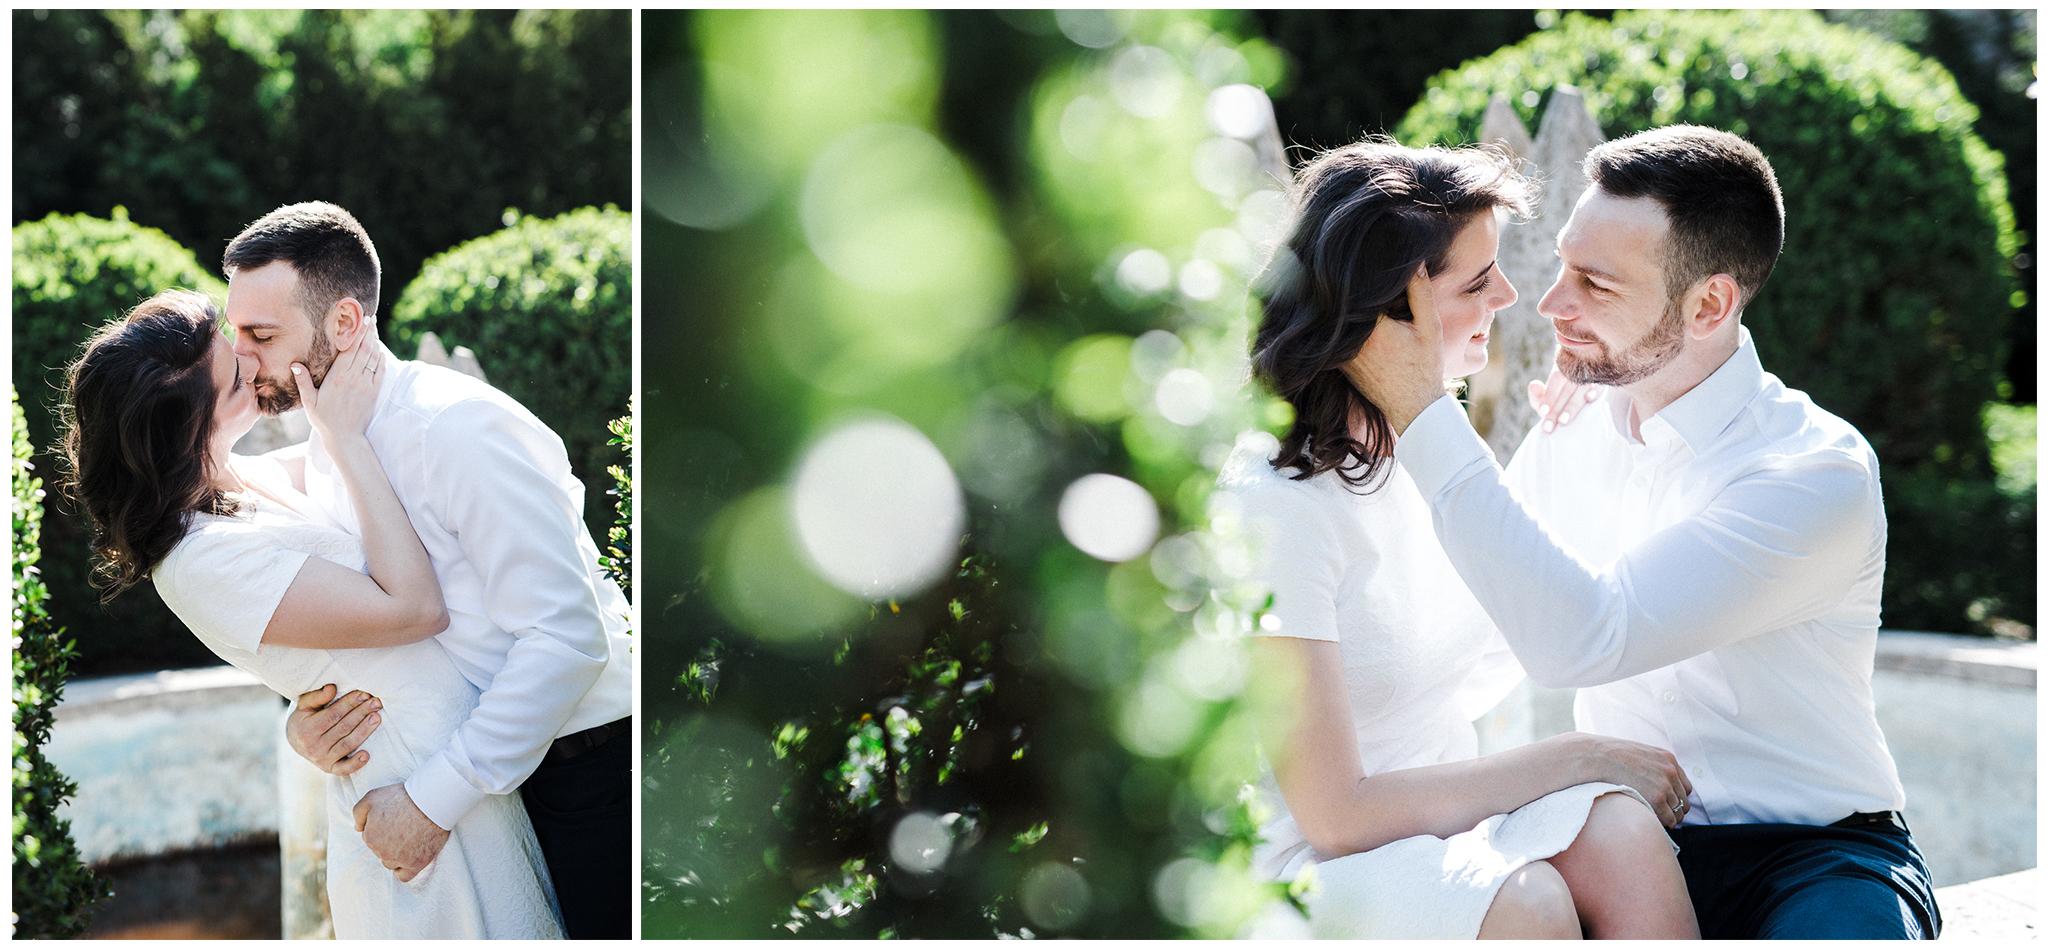 MONT_FylepPhoto, Esküvőfotós Vasmegye, Esküvő fotózás, Esküvői fotós, Körmend, Vas megye, Dunántúl, Budapest, Fülöp Péter, Jegyes fotózás, jegyesfotó_Ramona&Marci,2018_010.jpg